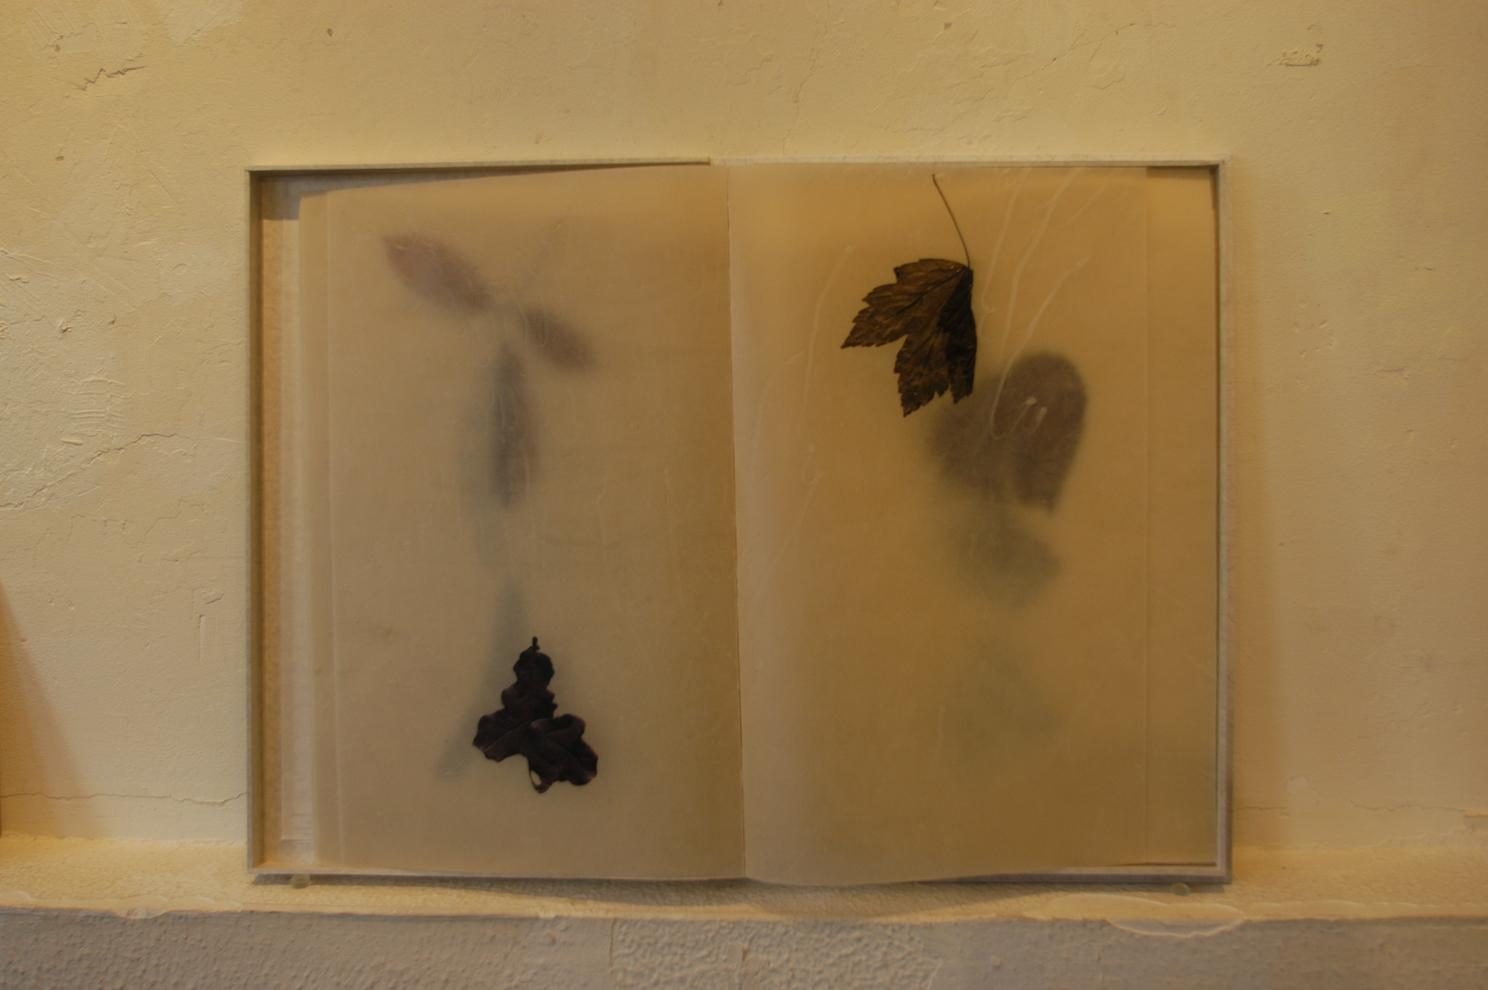 ADACHI Ryoko - book art, paper